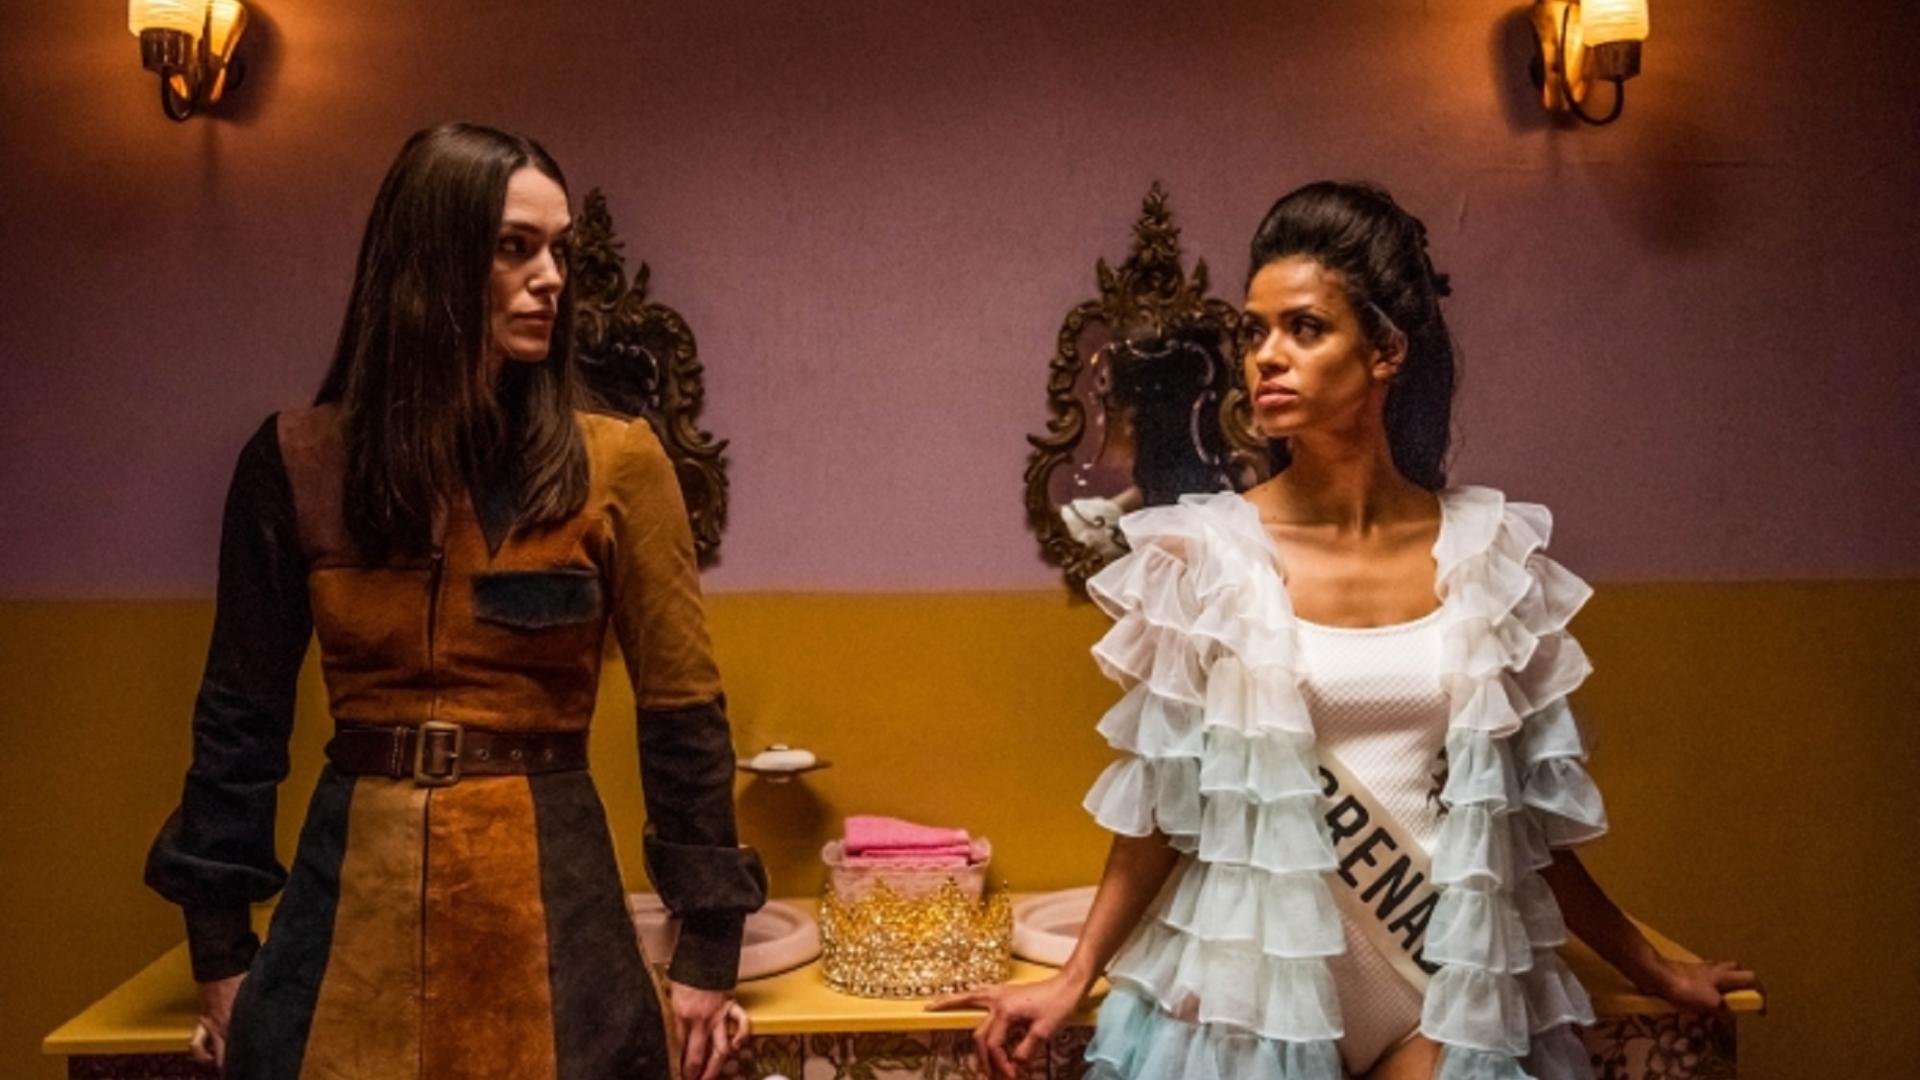 die misswahl film 2020 keira knightley rezension erfahrung meinung